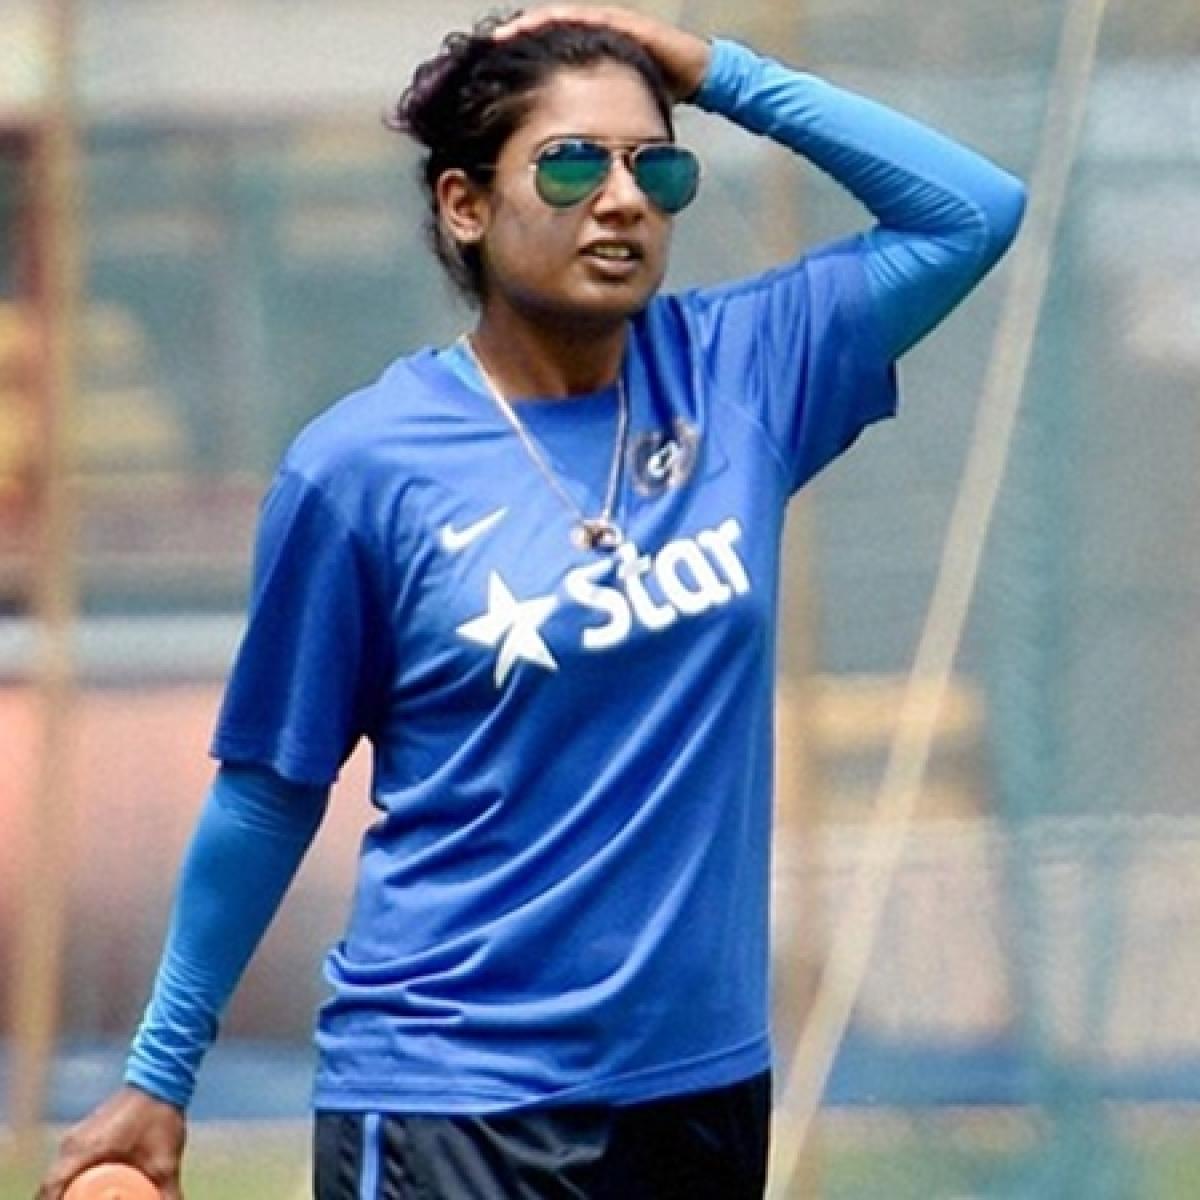 Sports can change a child's reality: Mithali Raj